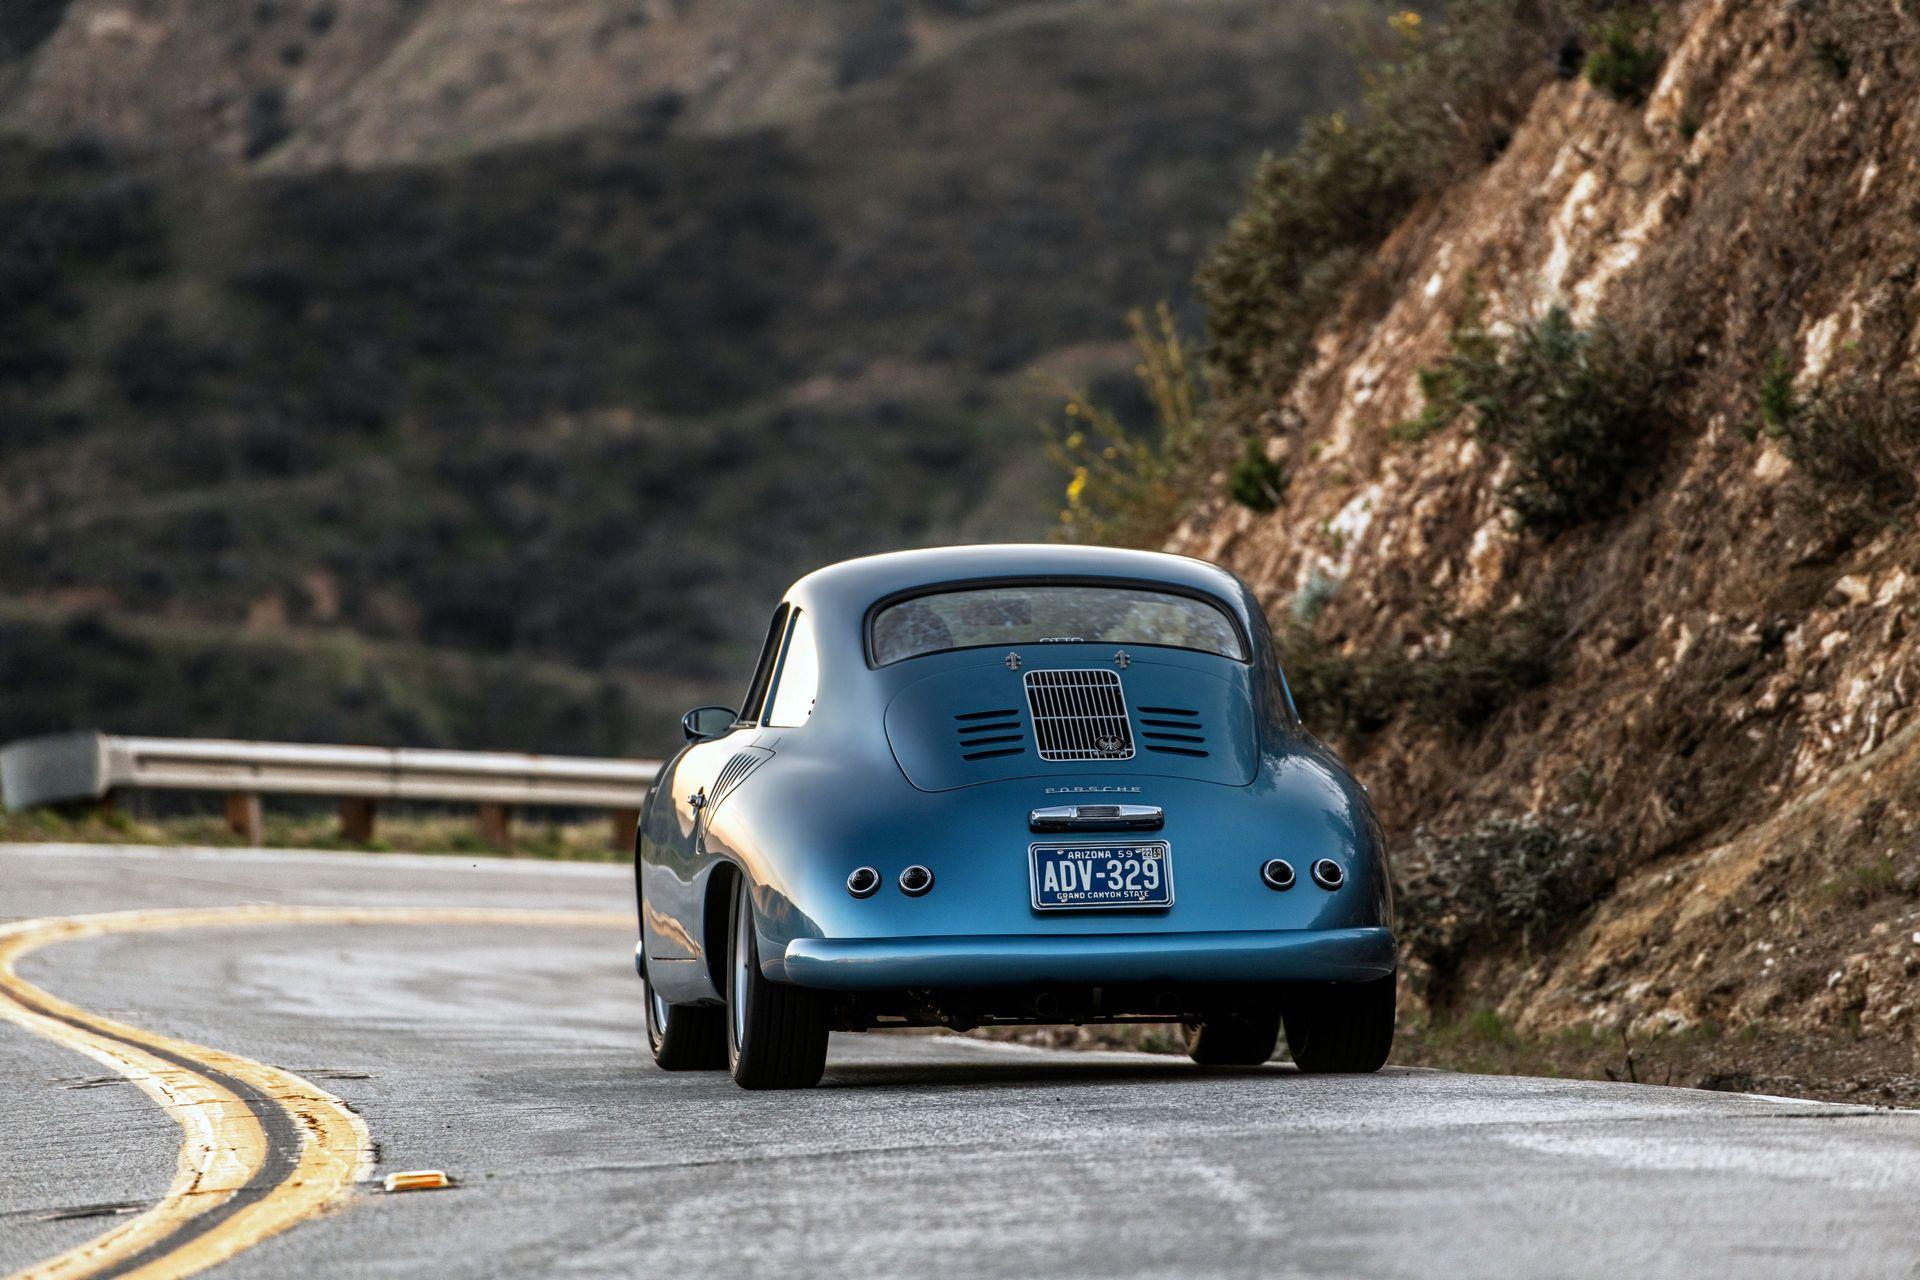 Porsche-356-A-Coupe-Restomod-Emory-Motorsports-18